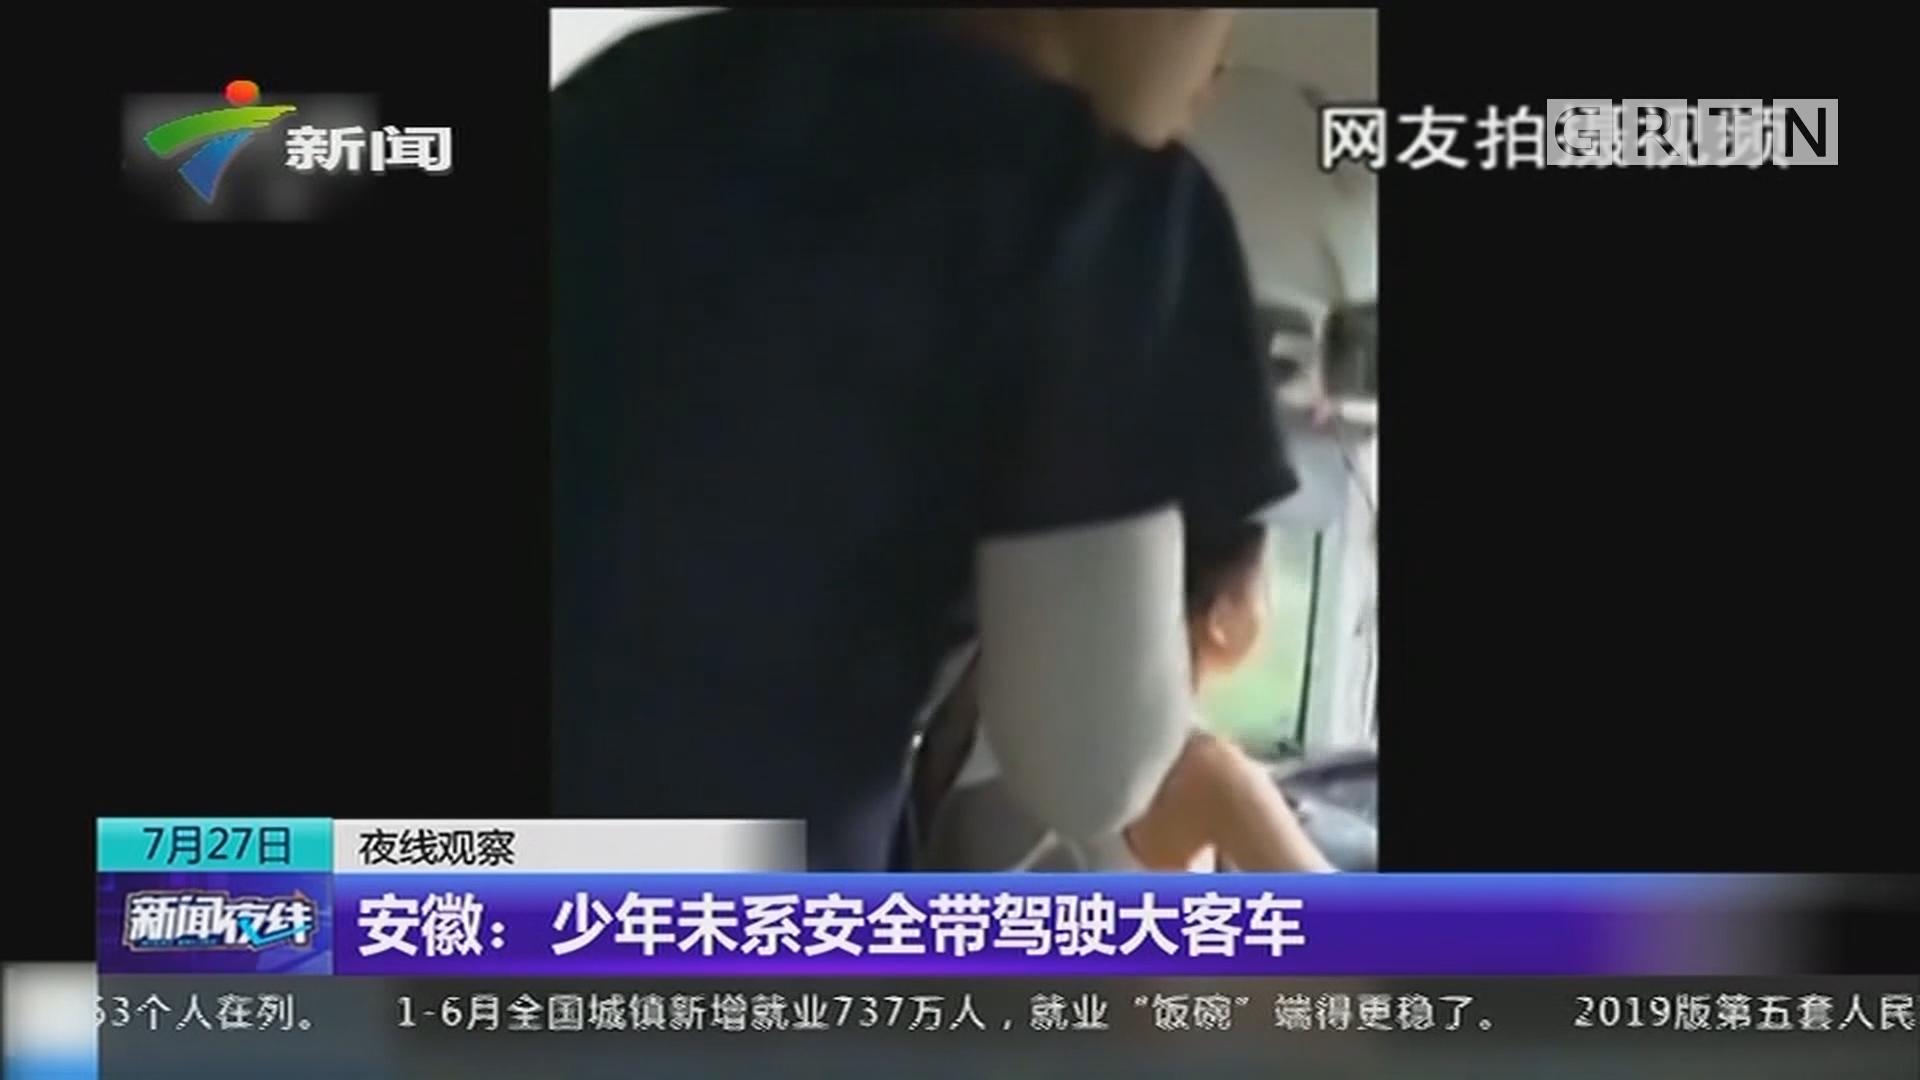 安徽:少年未系安全带驾驶大客车